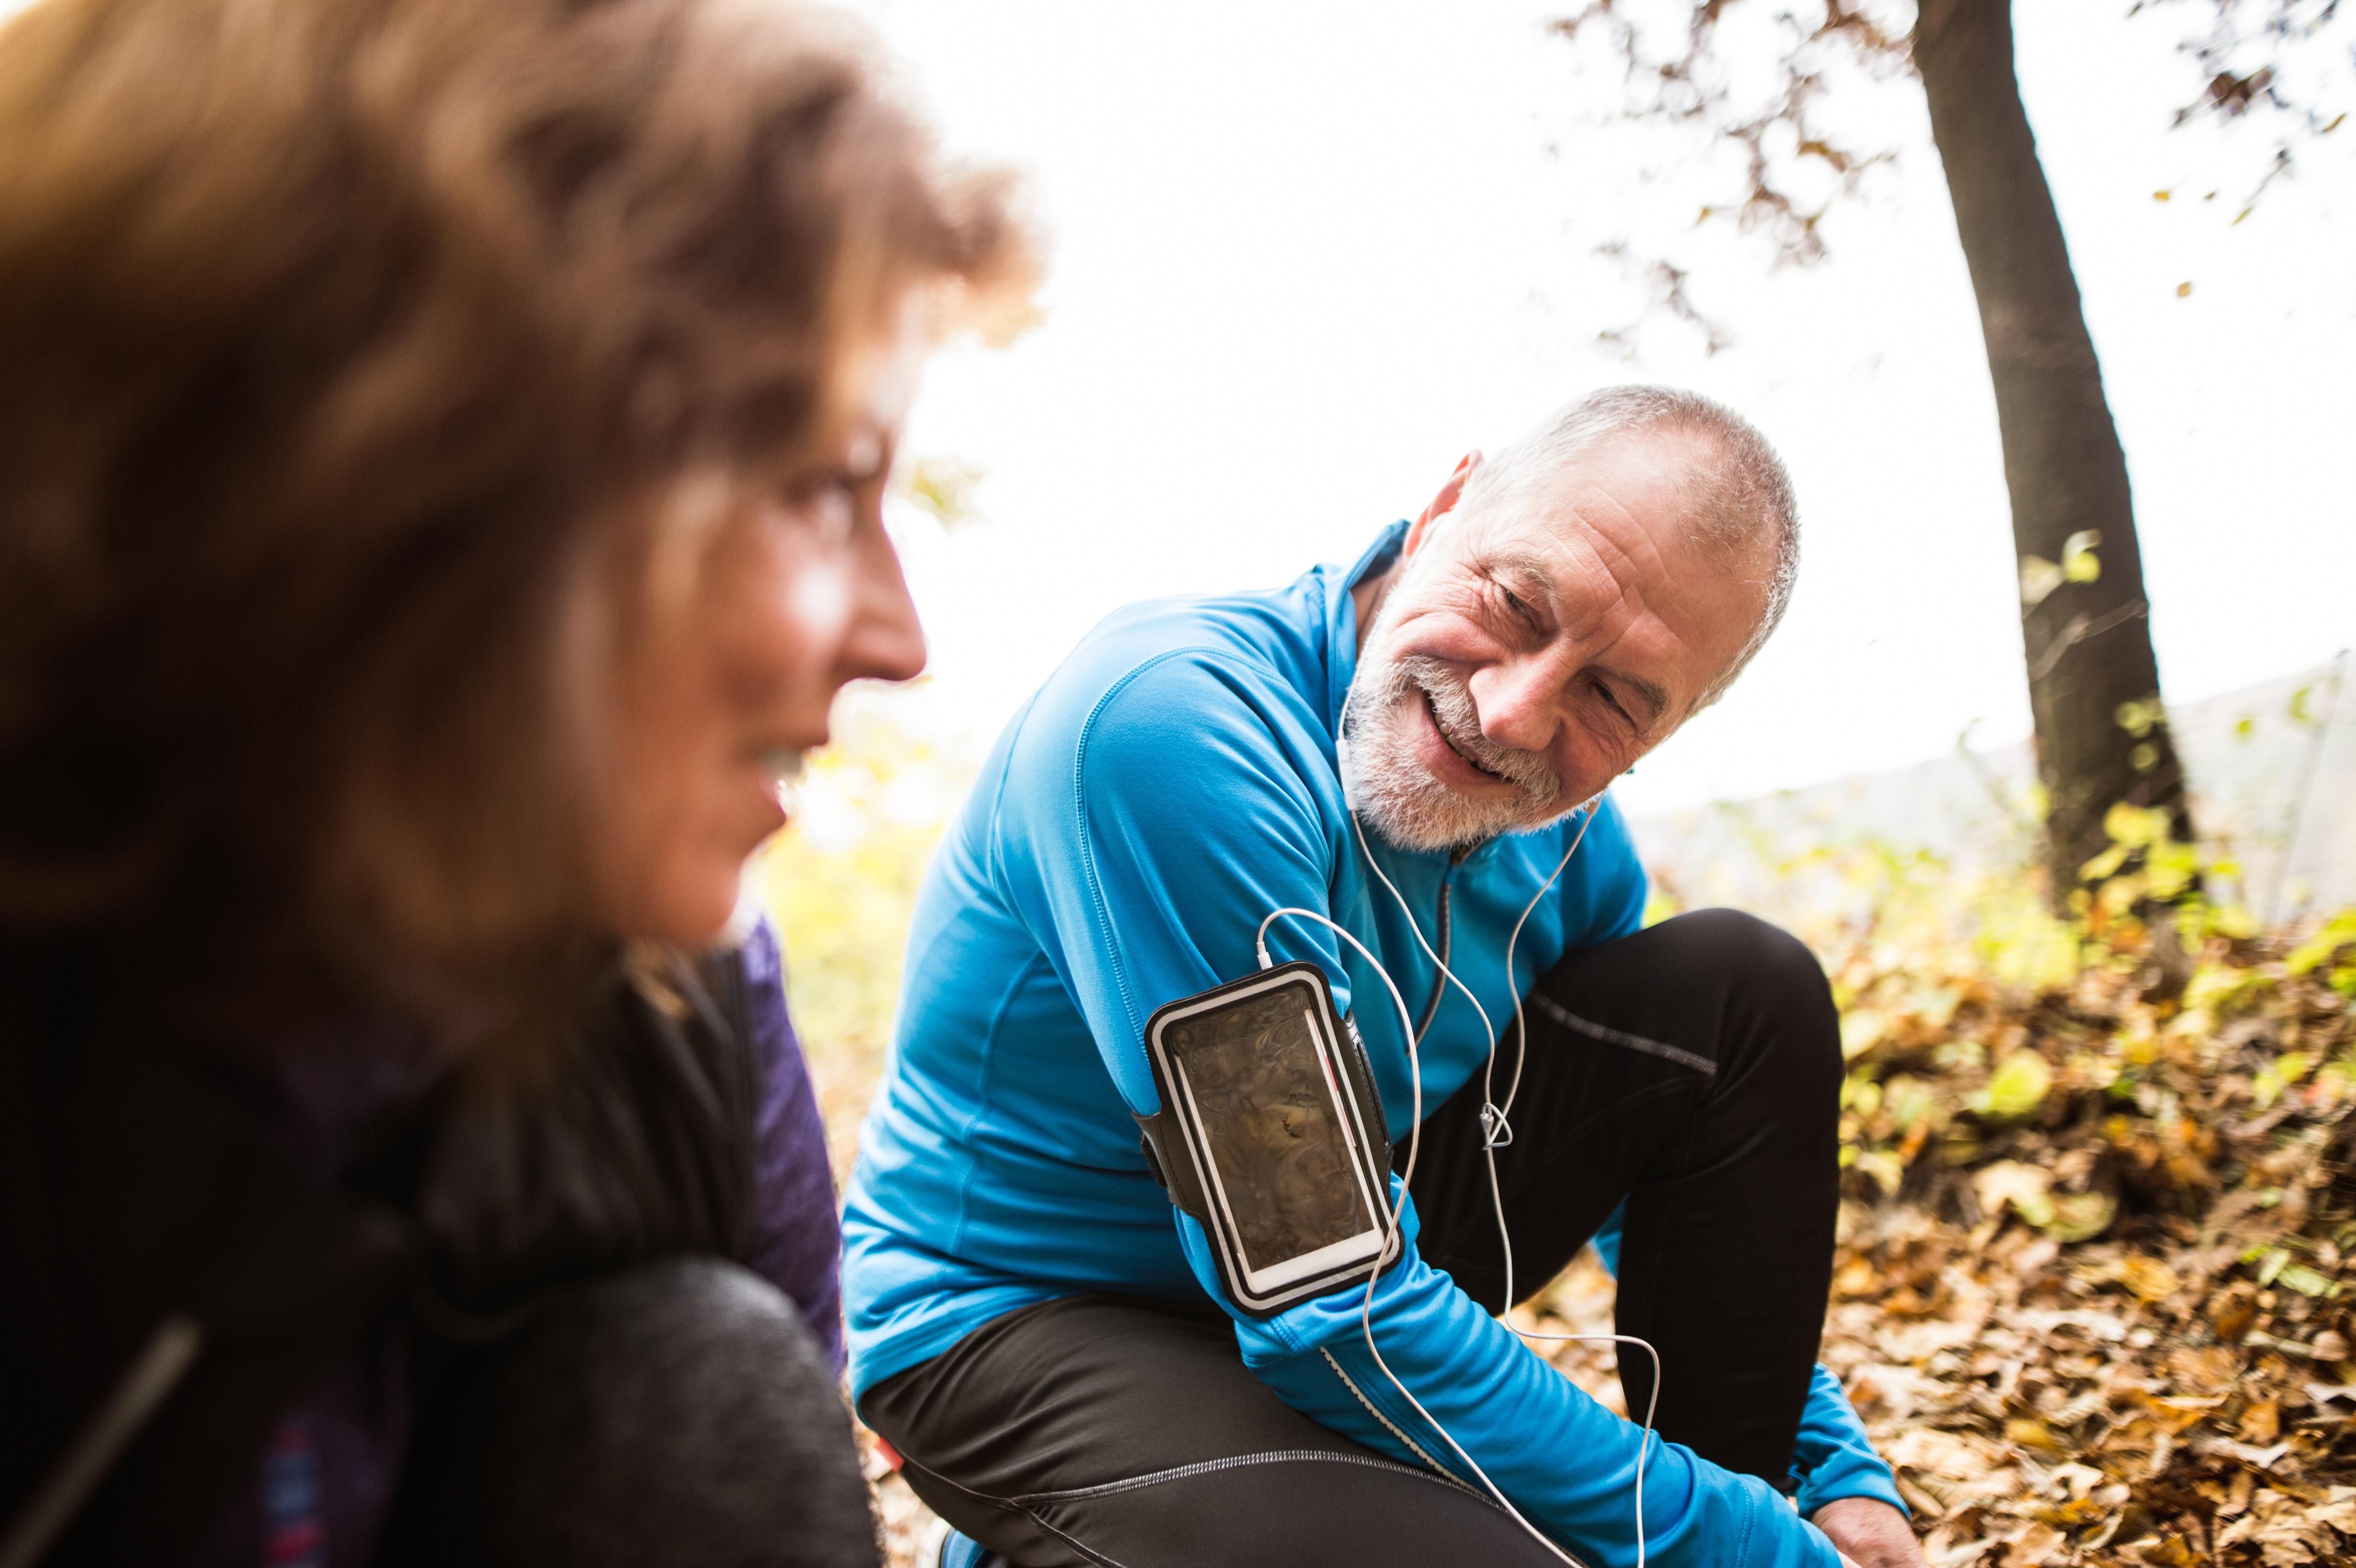 Fysisk aktivitet minskar risken för stroke eftersom det sänker blodtrycket.